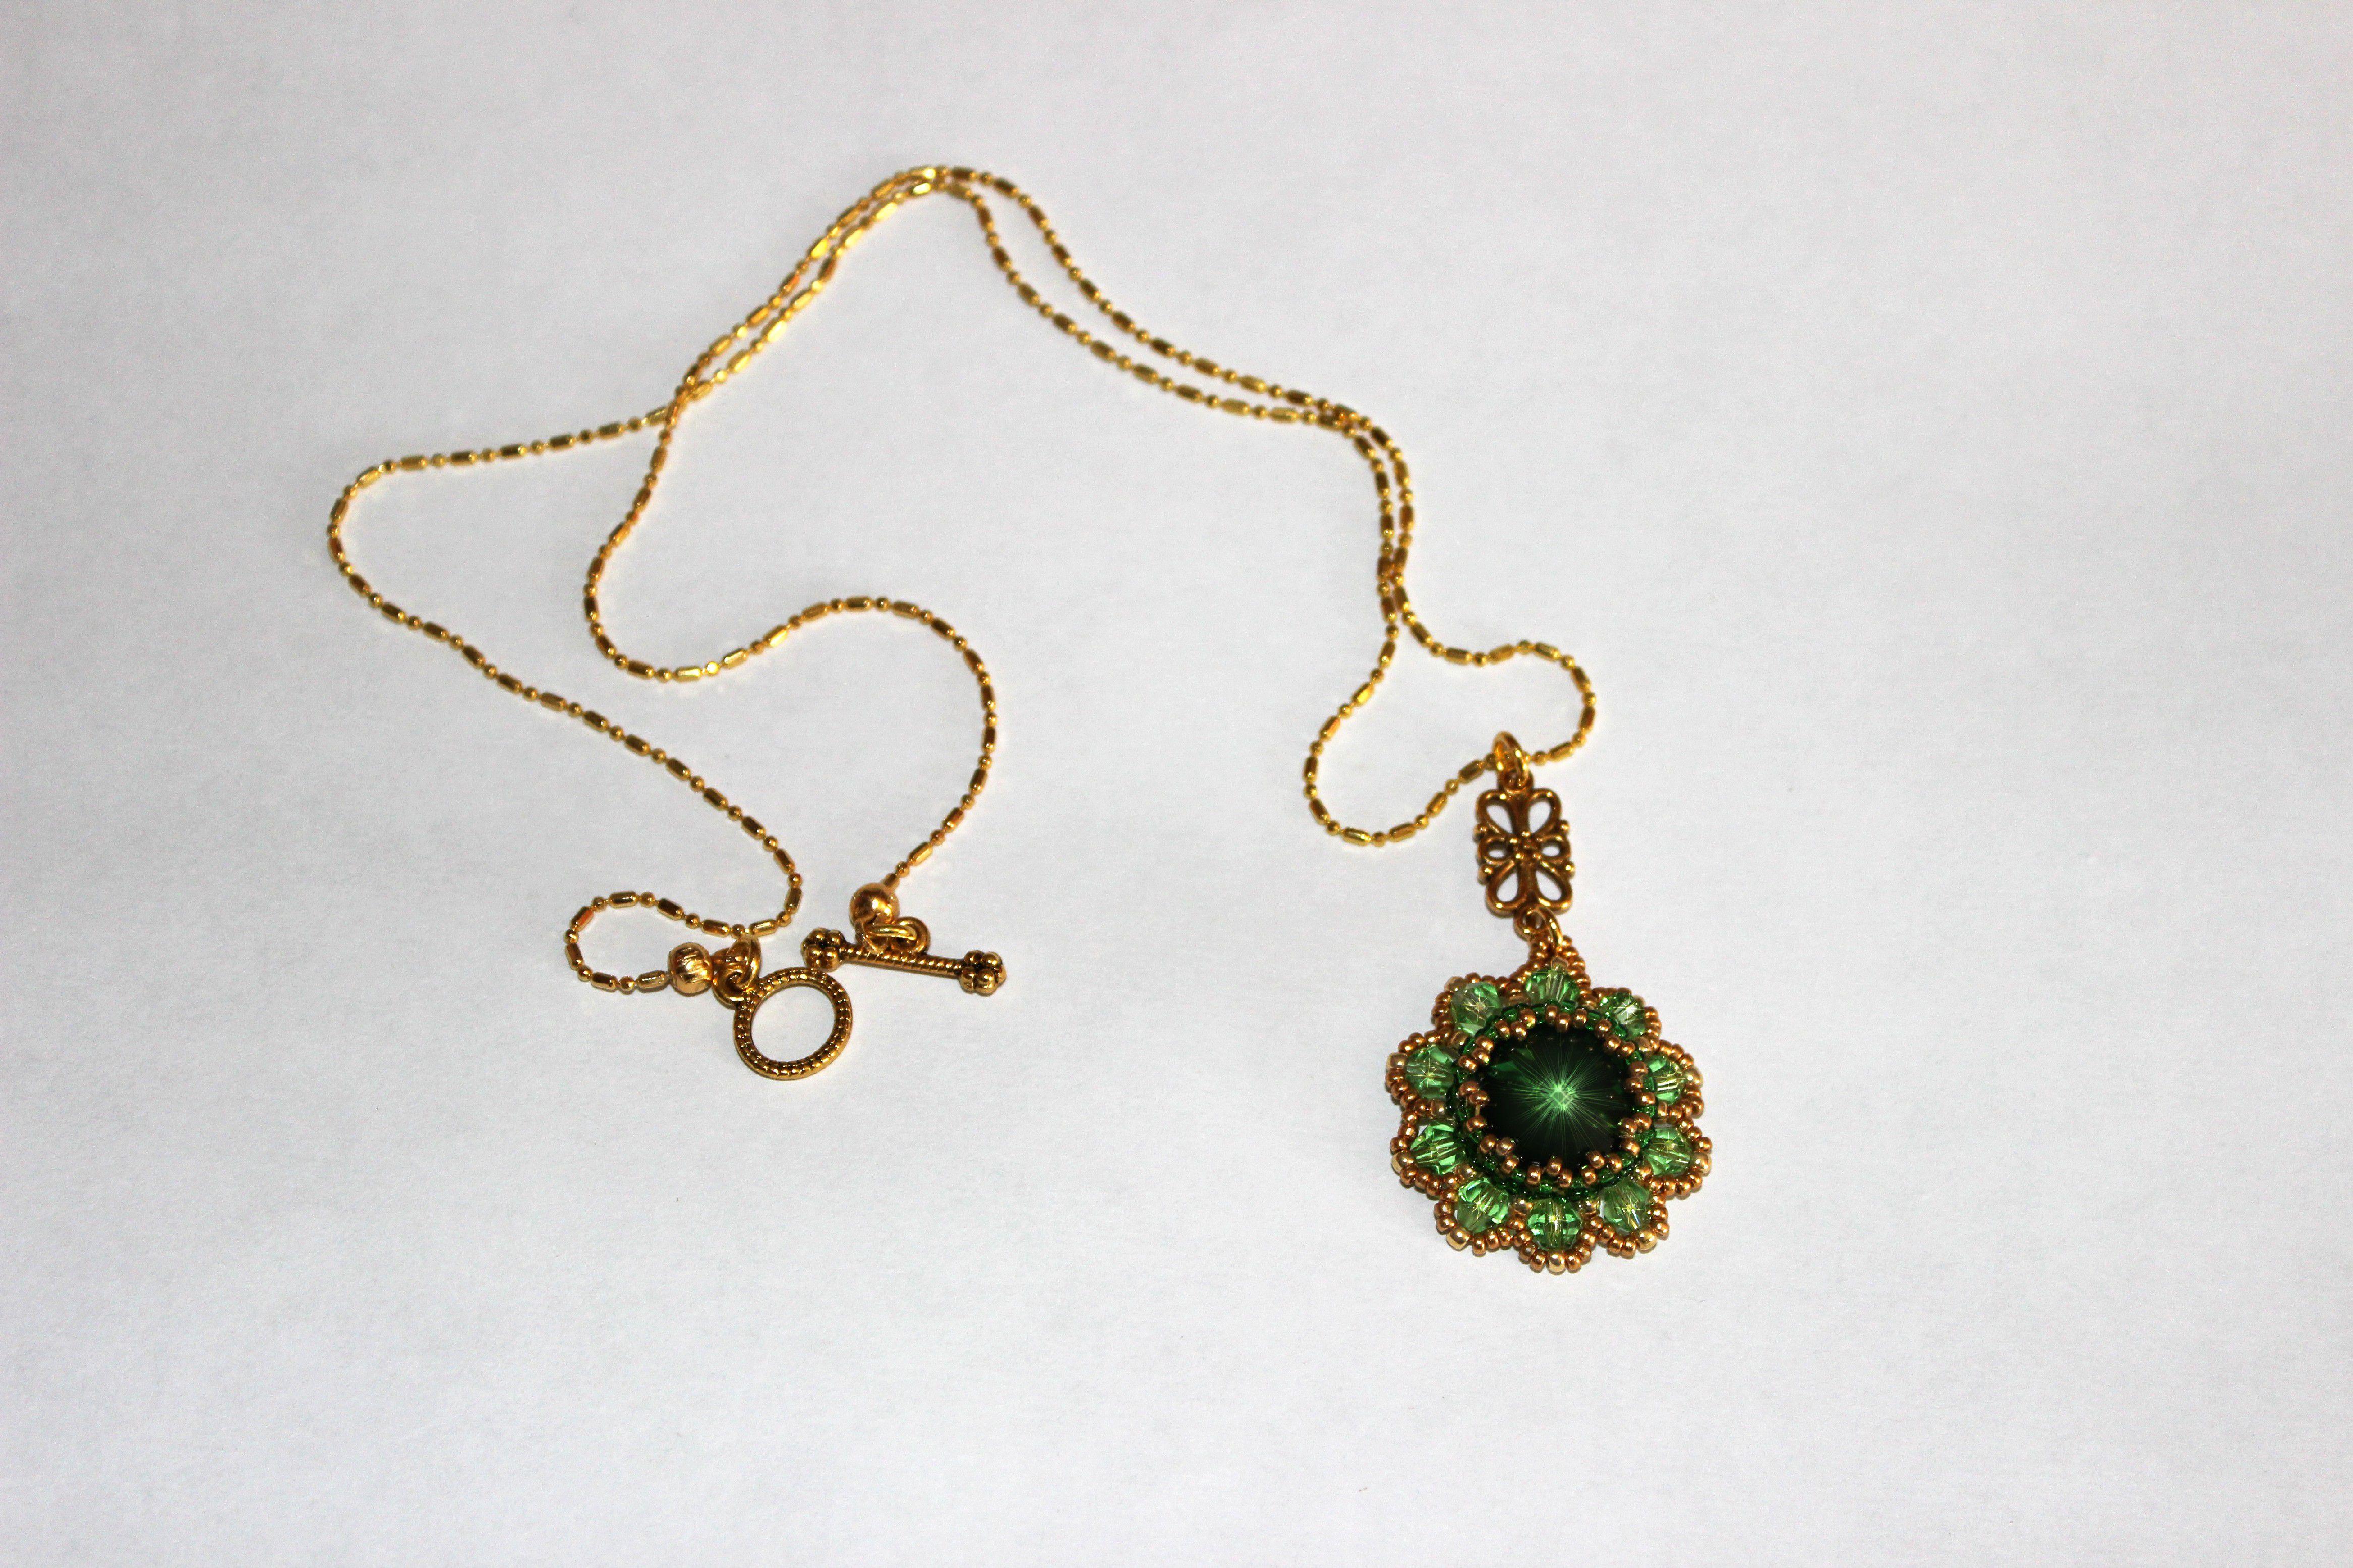 золотой бусины кристалл украшения бисер подвеска бижутерия бисероплетение сваровски кулон зеленый цветок